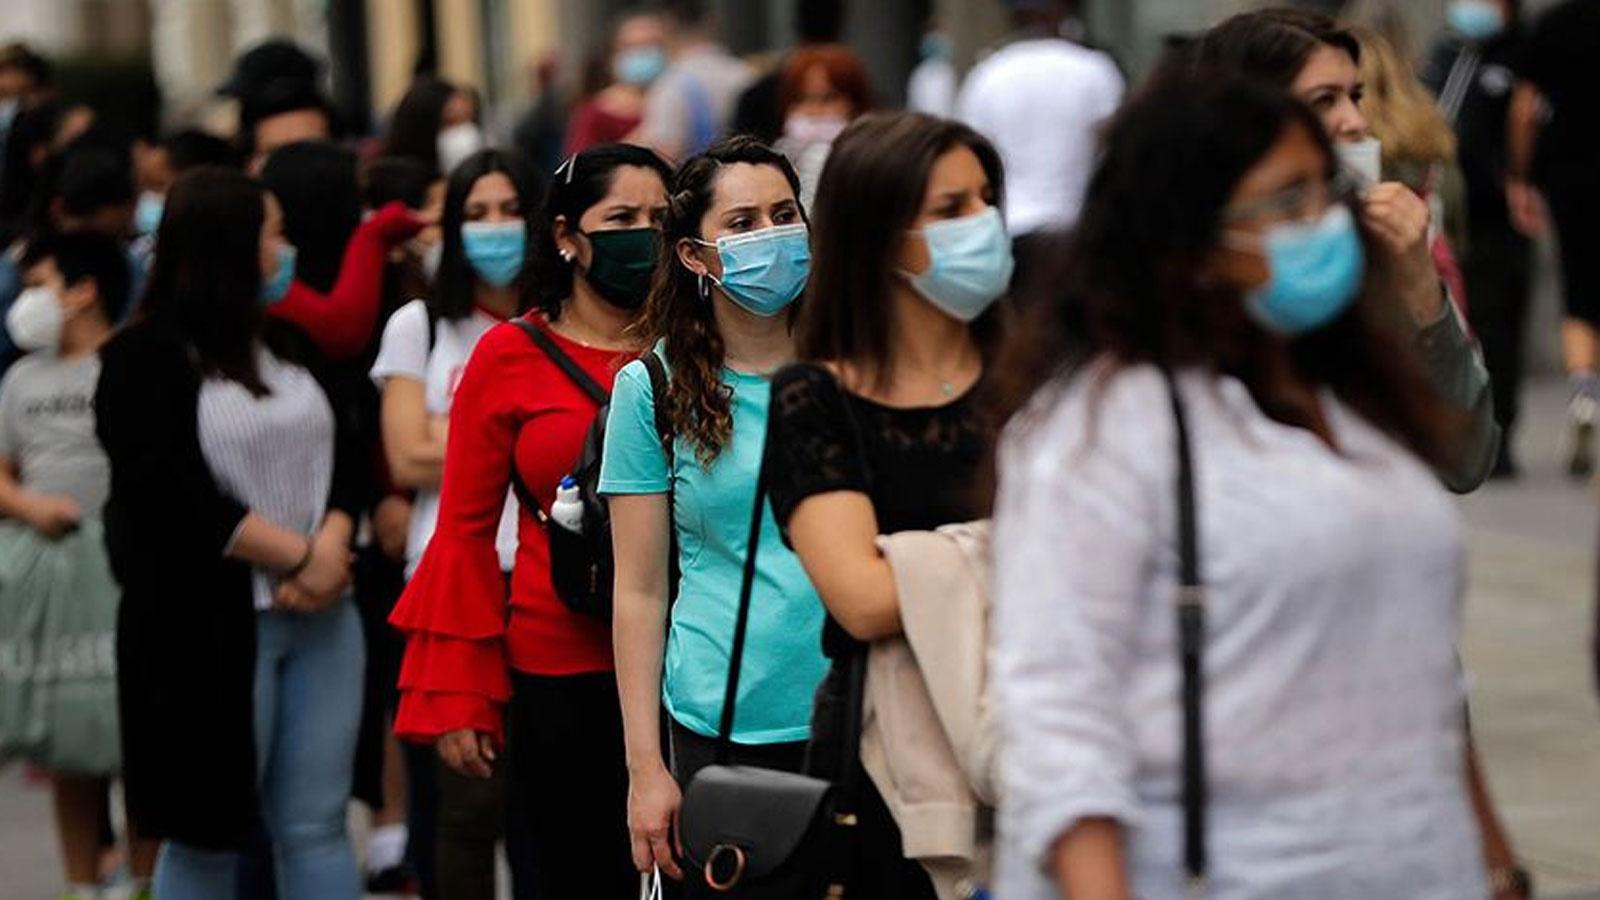 İspanya'da ikinci dalga alarmı! Sigara bile yasak